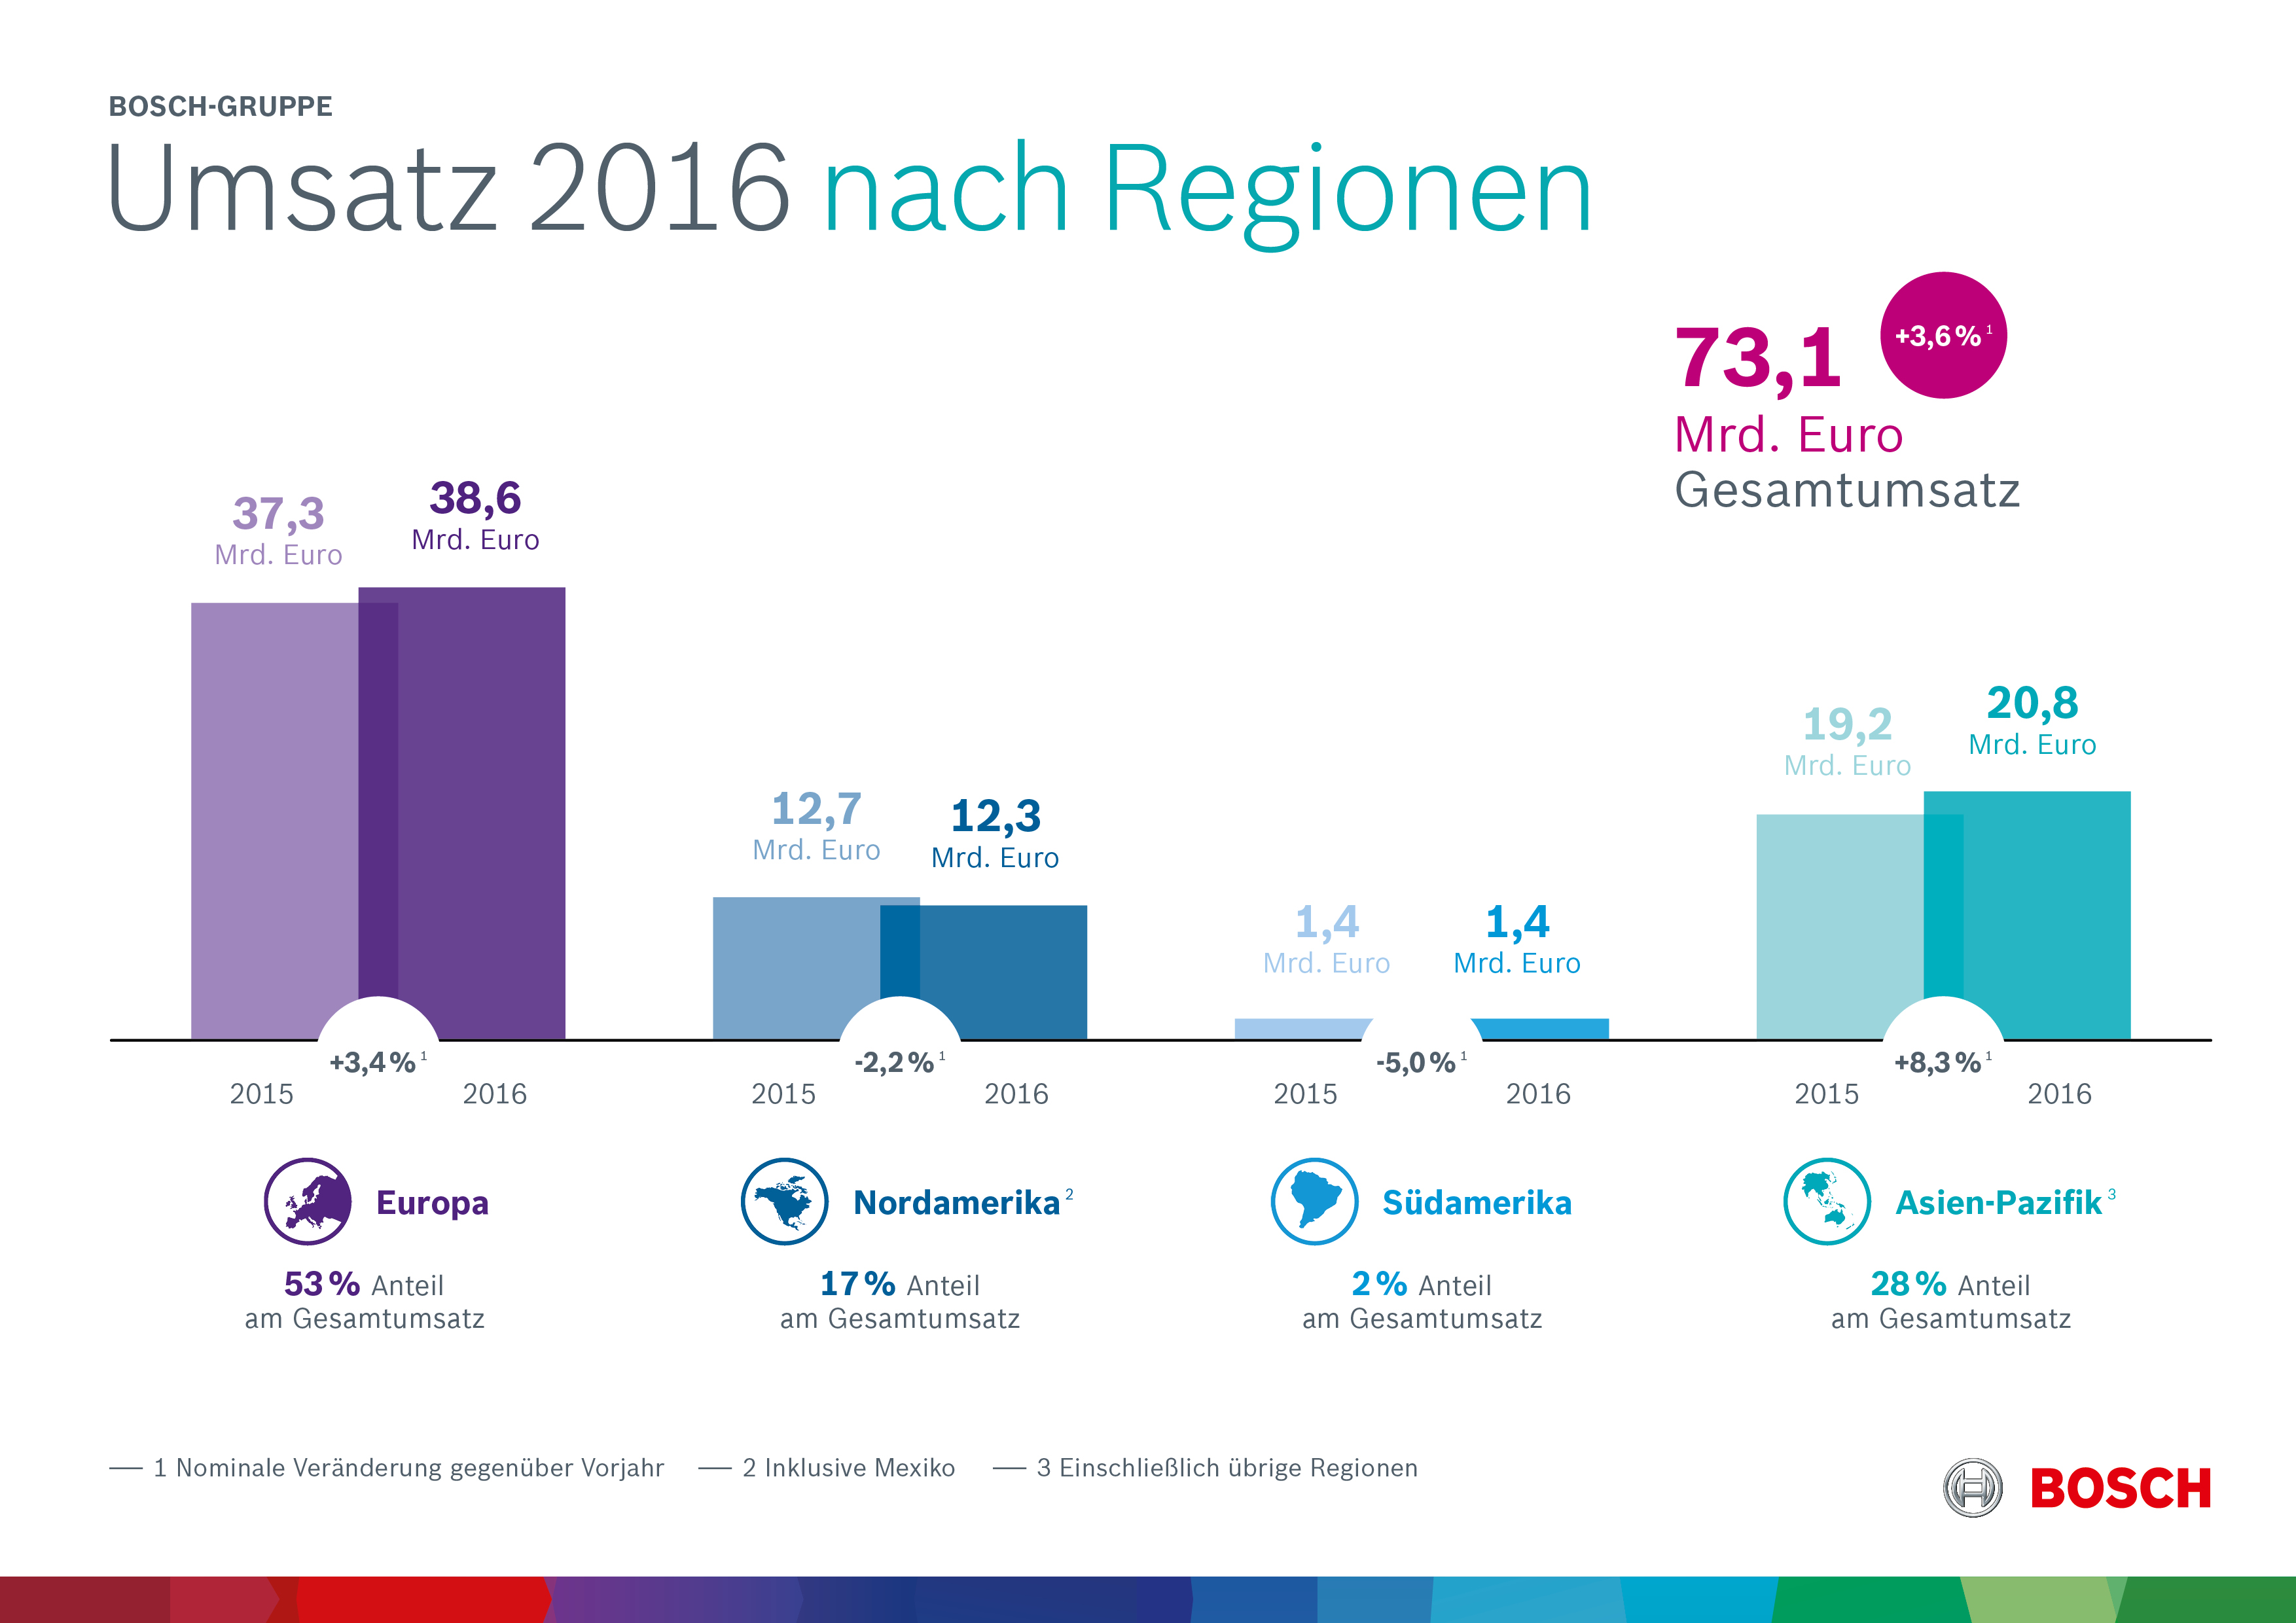 Kennzahlen 2016: Geschäftsverlauf nach Regionen